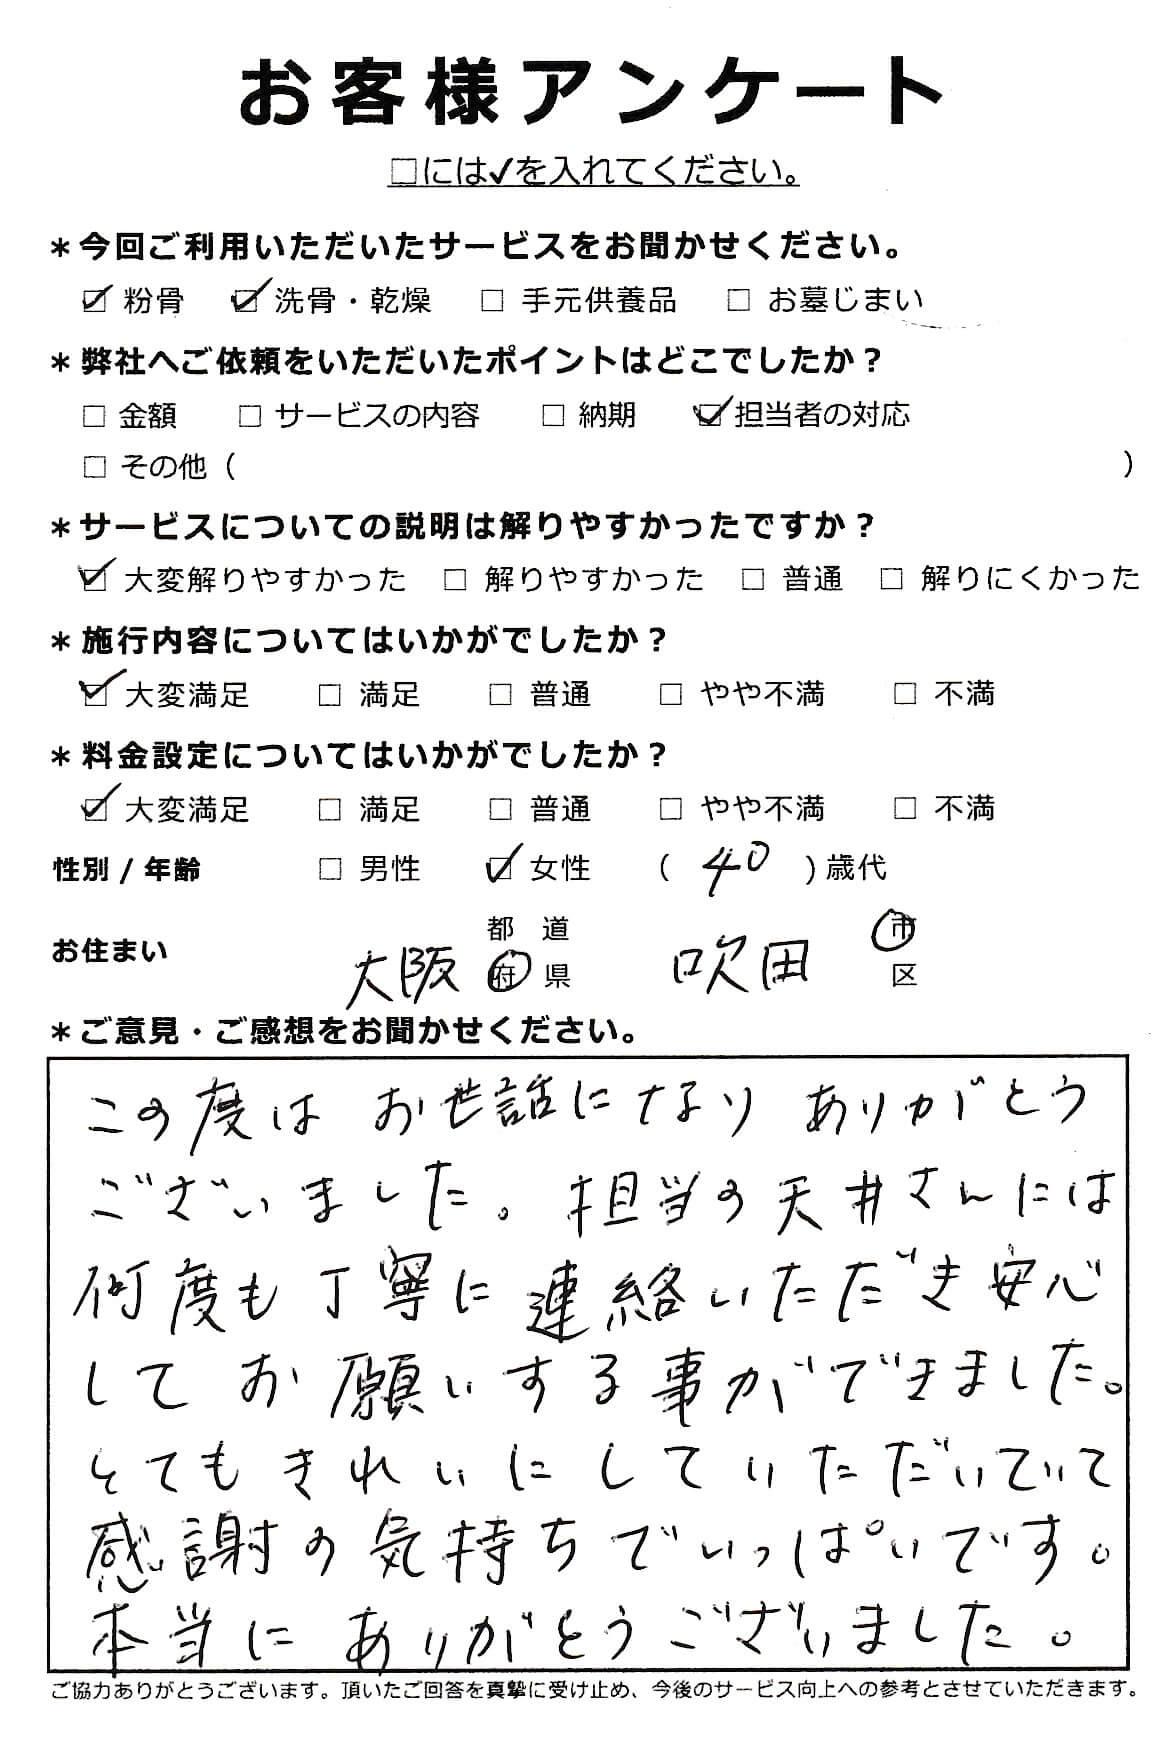 大阪府吹田市での粉骨・洗骨サービス